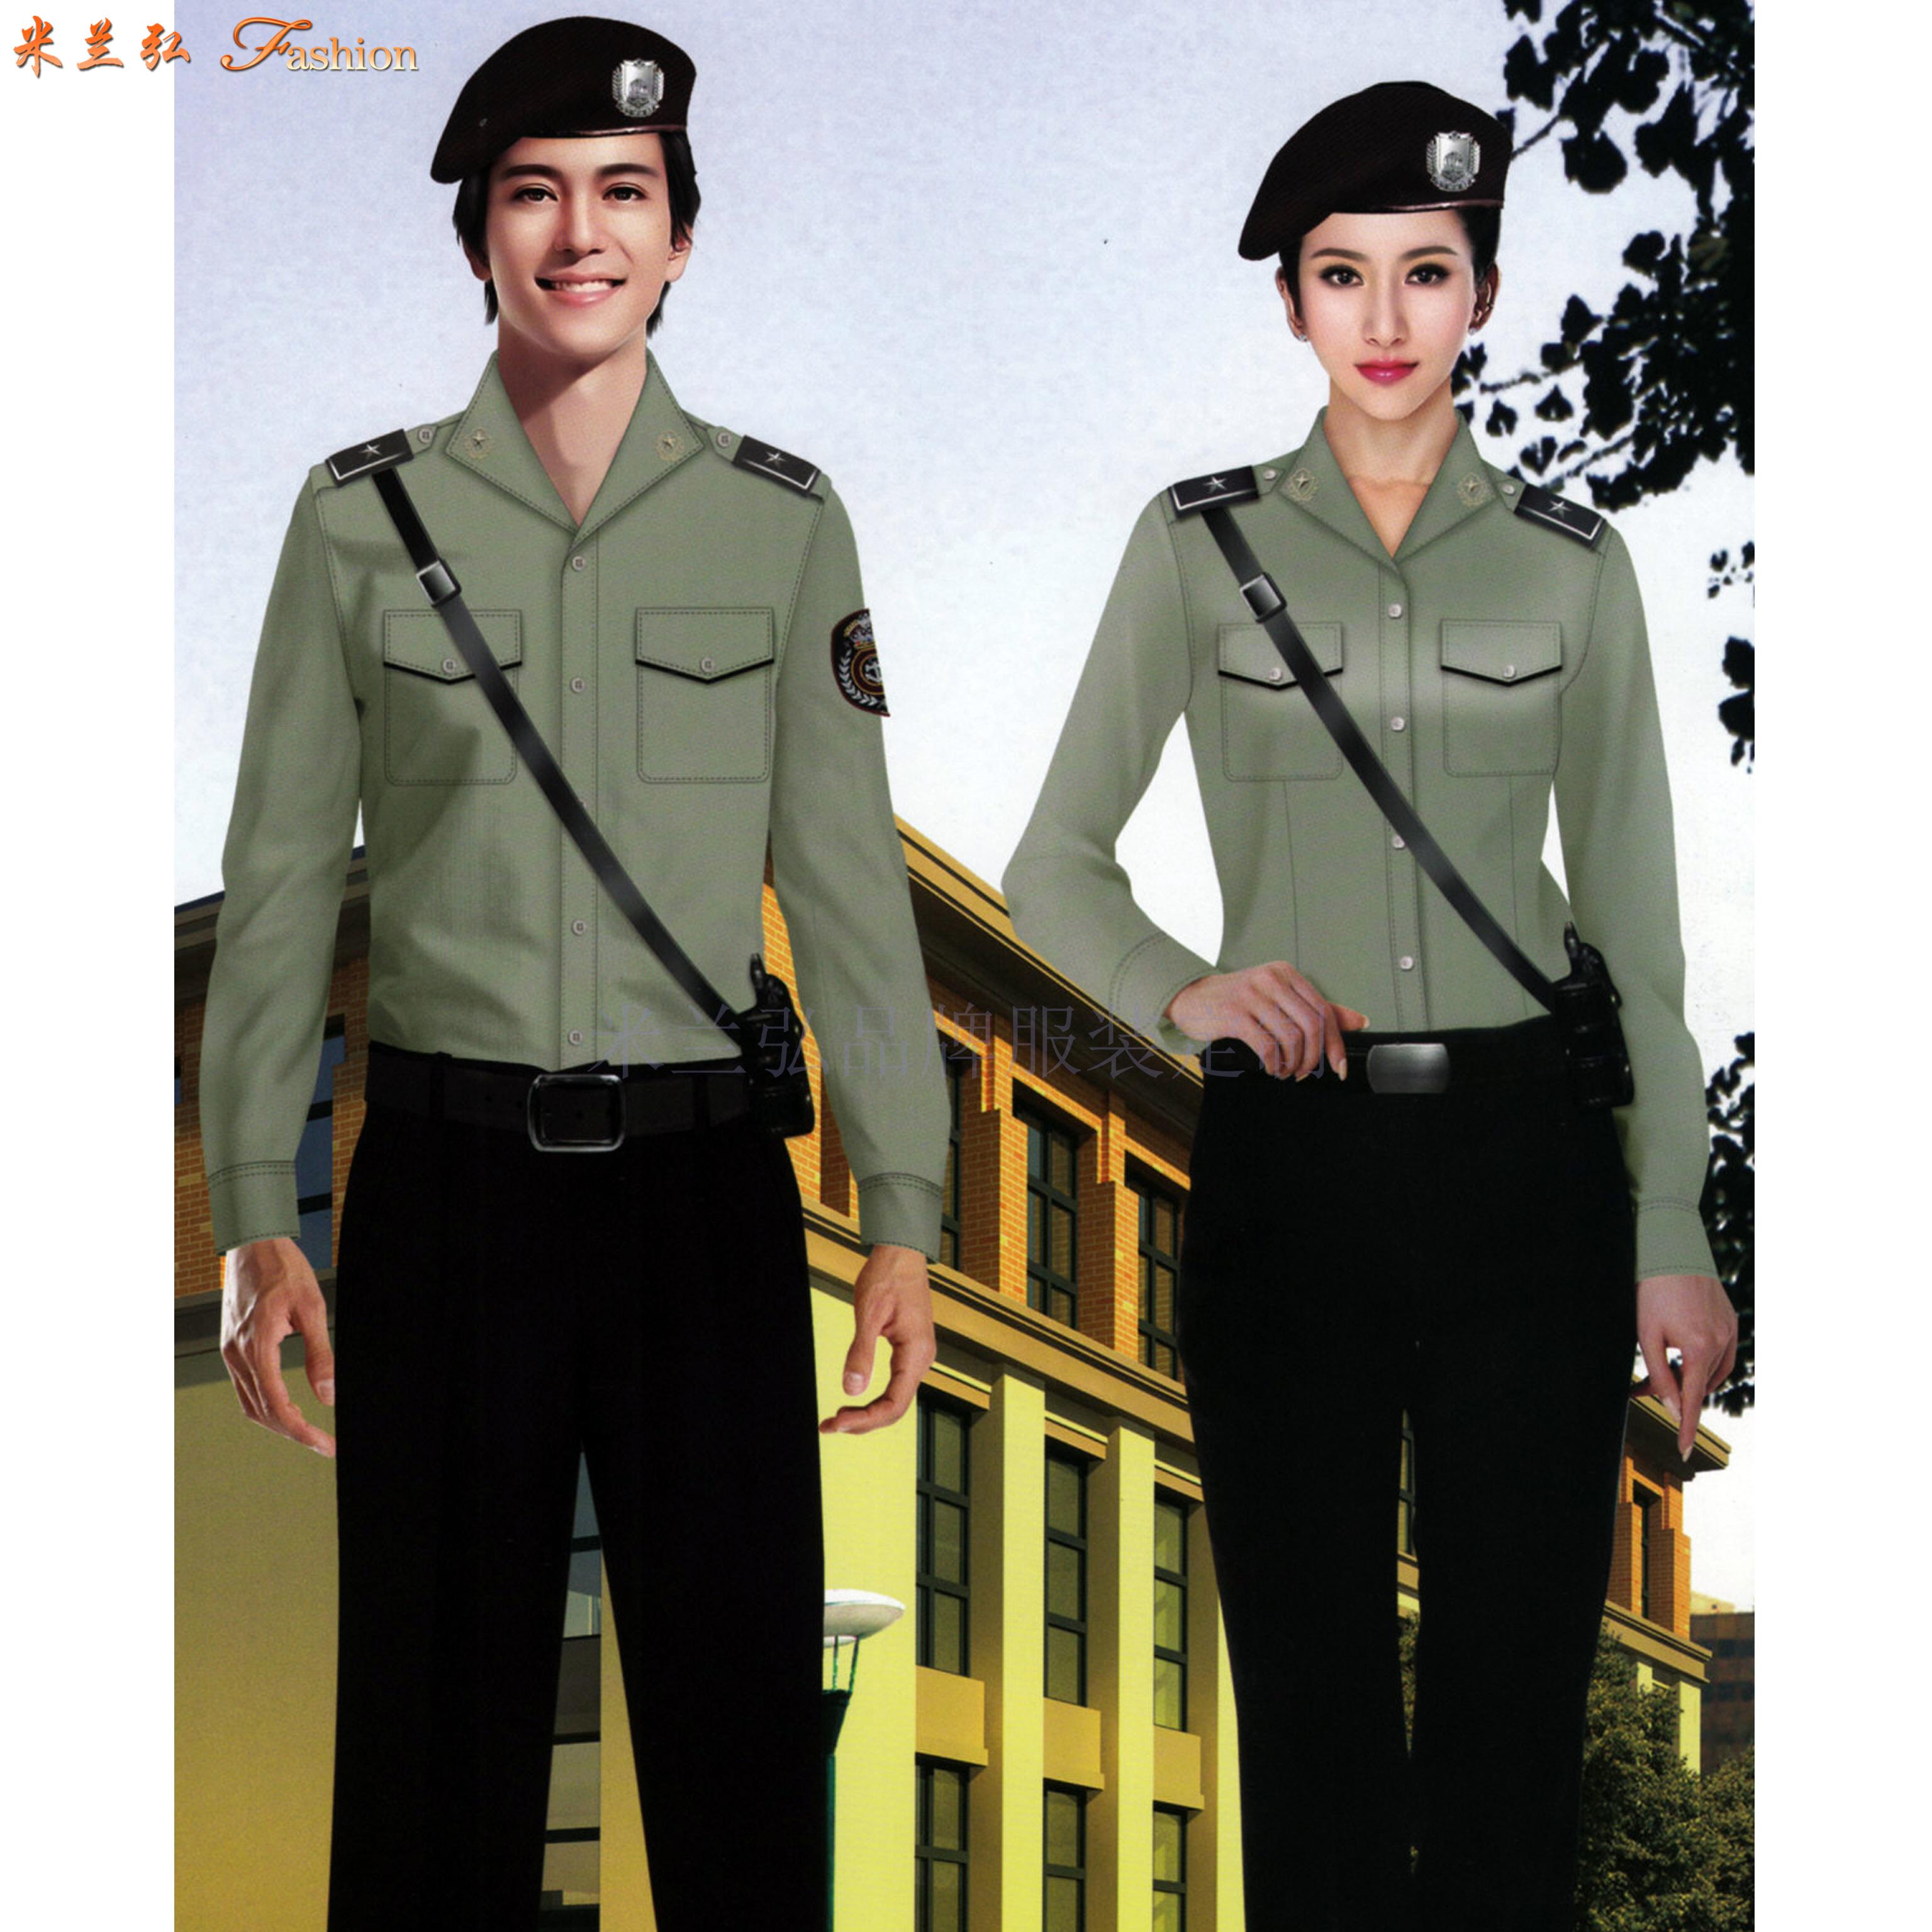 物業保安工作服訂做-物業安保部制服定做-米蘭弘廠家-5